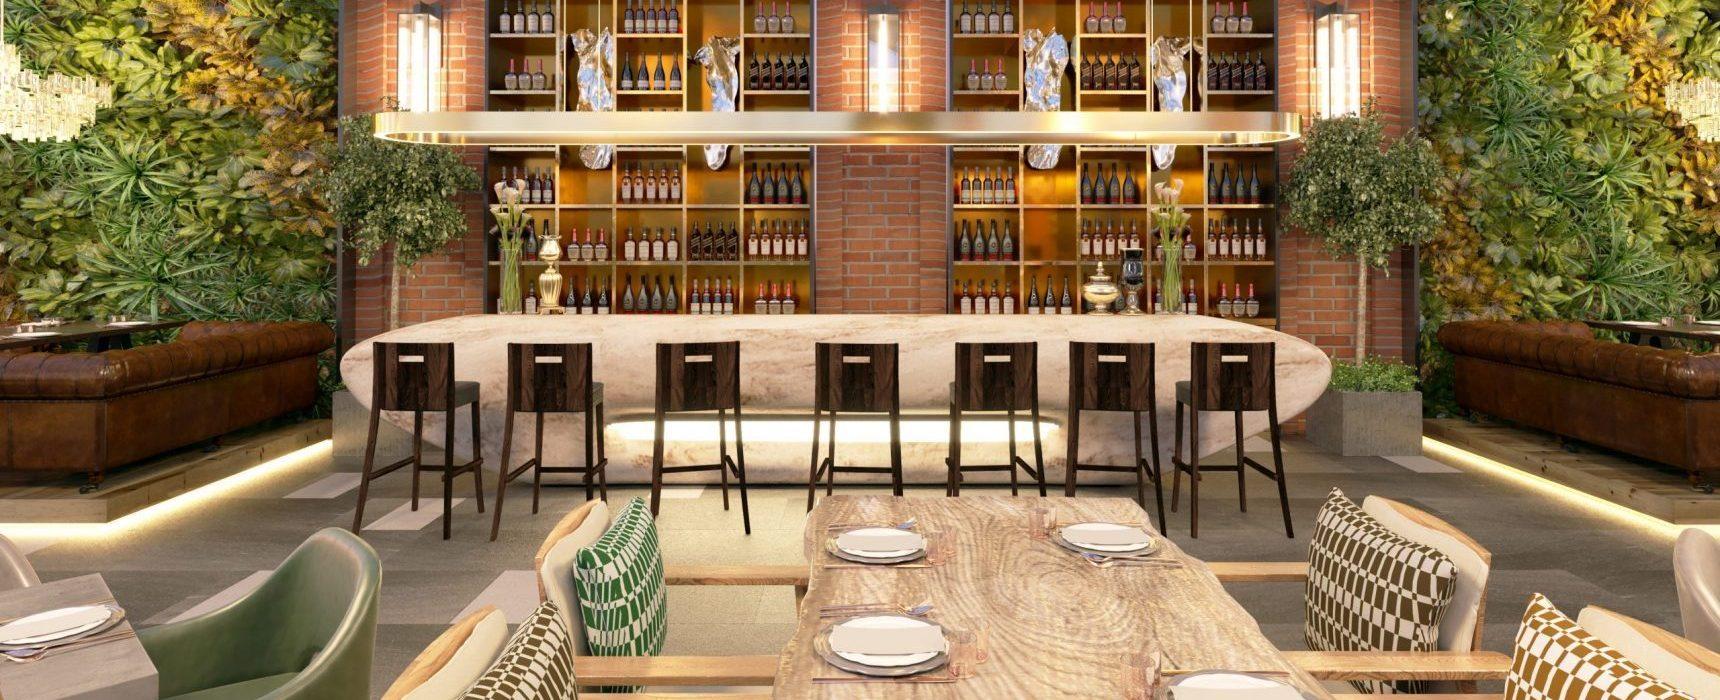 Tipos de mesas para restaurantes y eventos